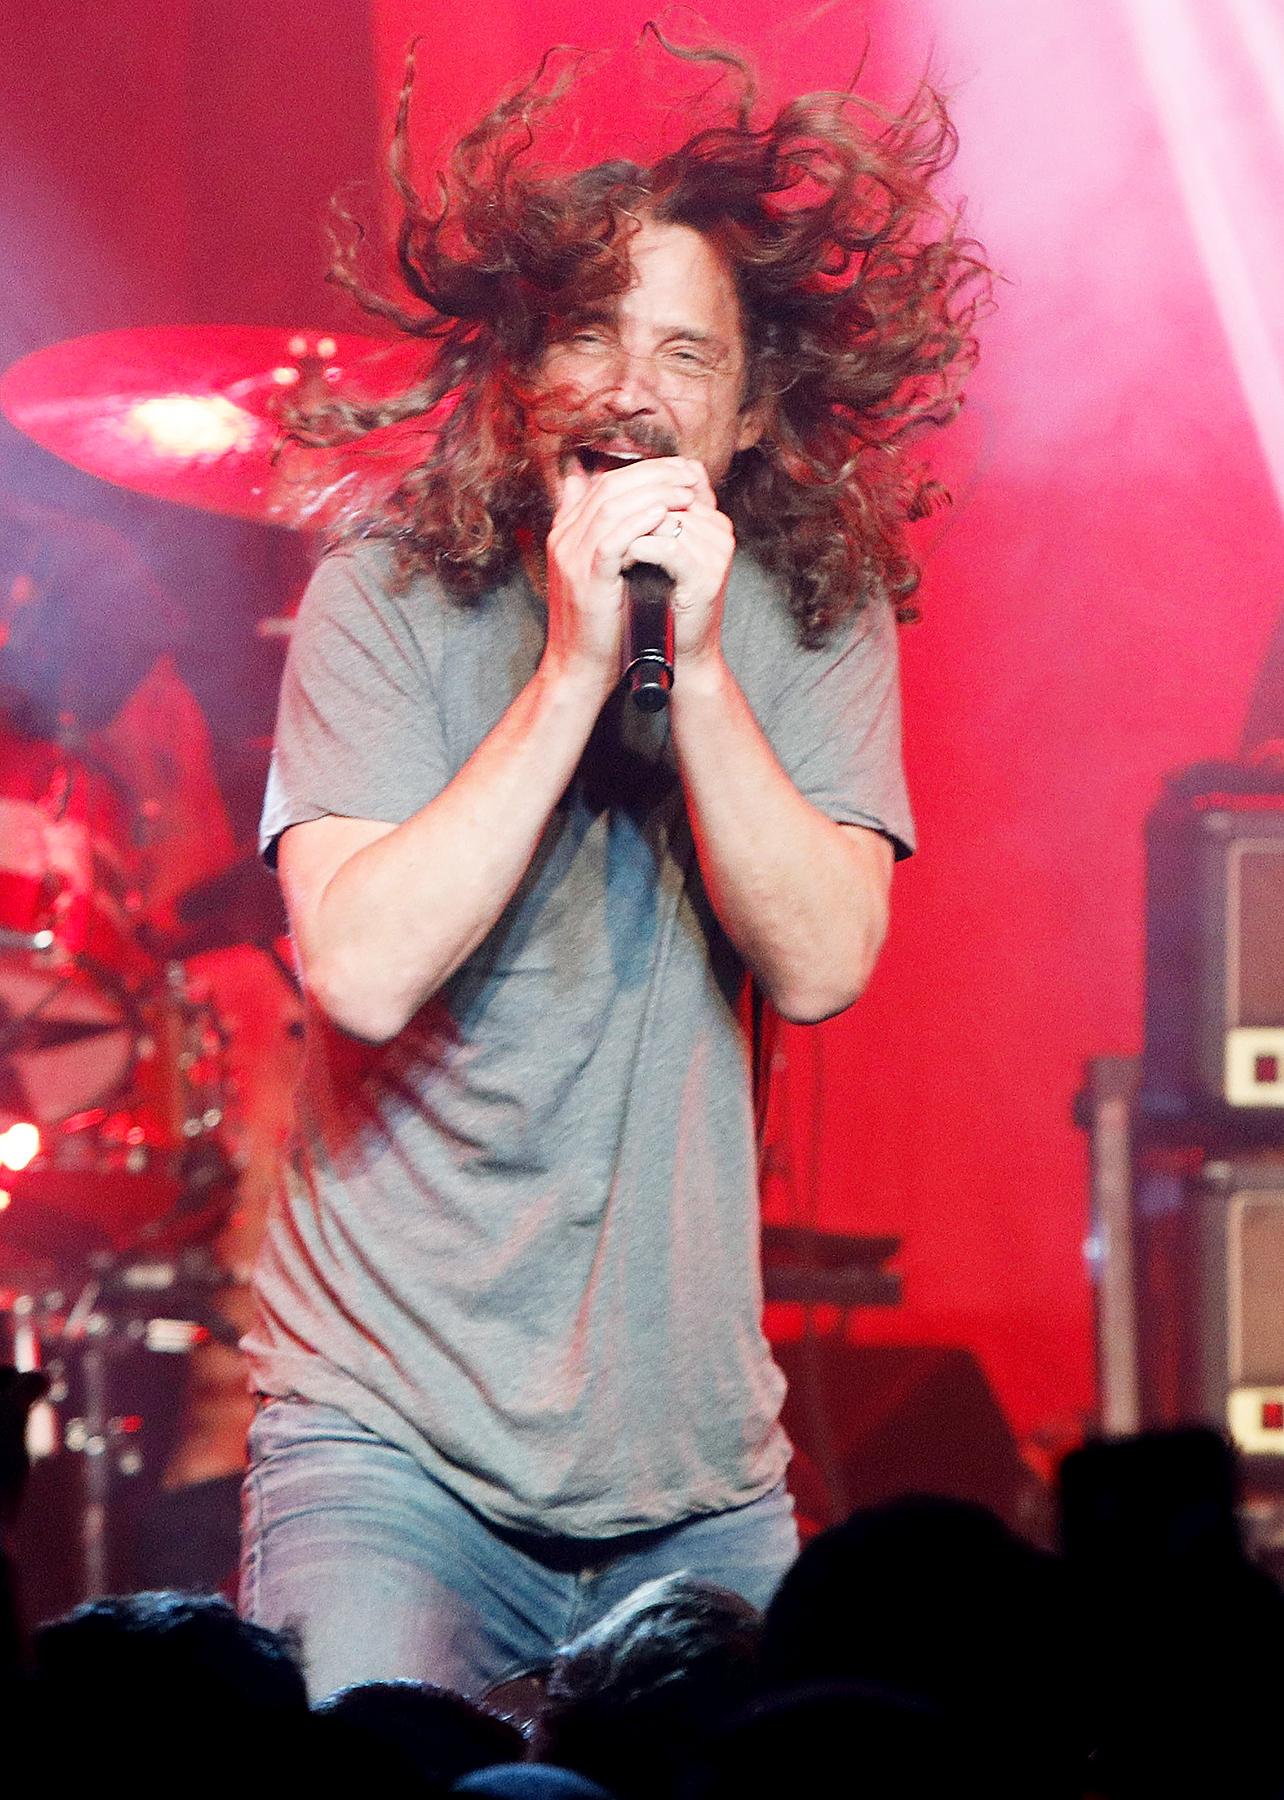 Chris Cornell Soundgarden dead